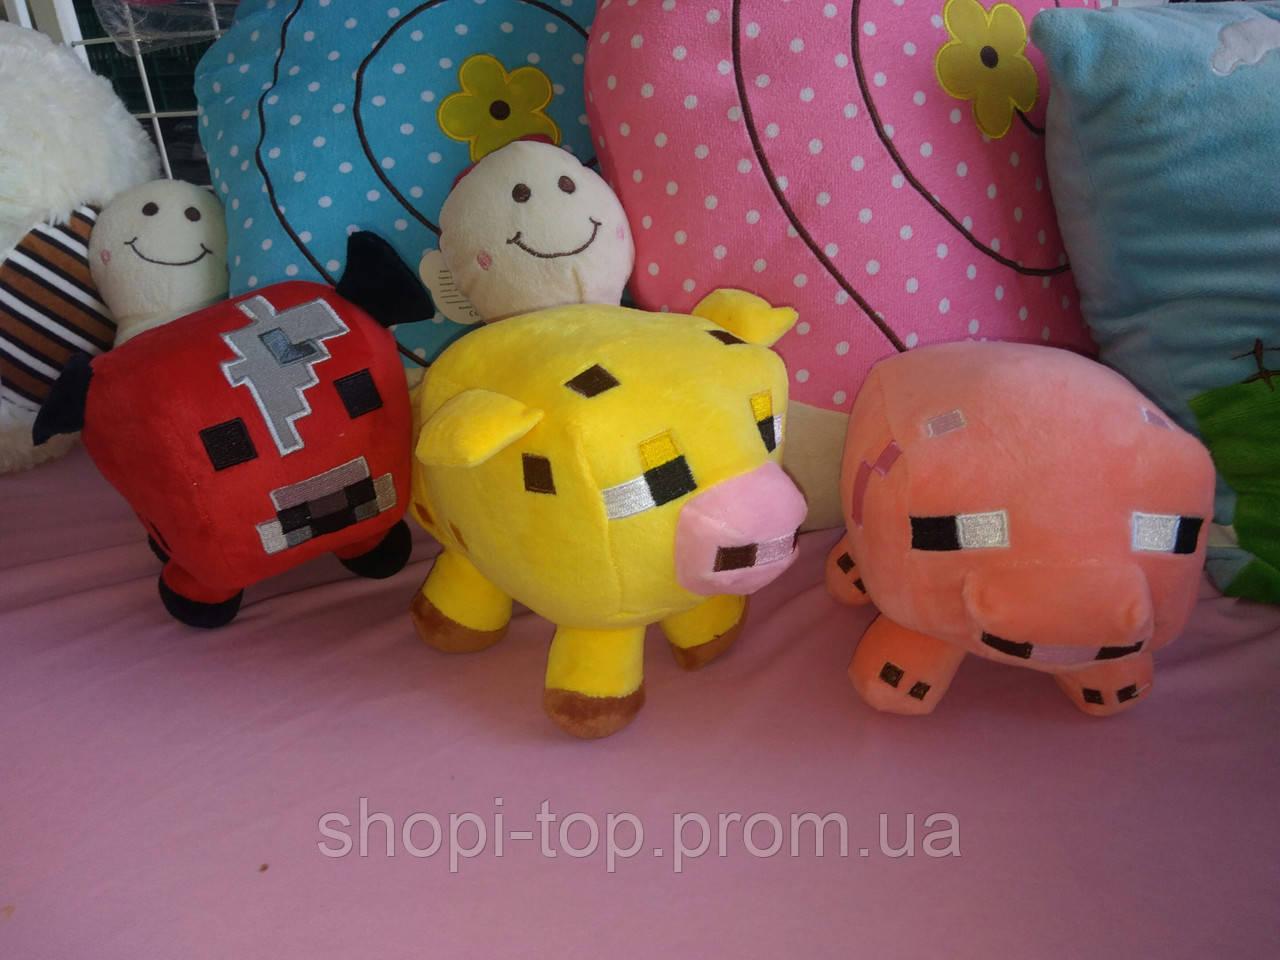 Мягкие игрушки майнкрафт Кот Оцелот,Свинка или Грибная корова